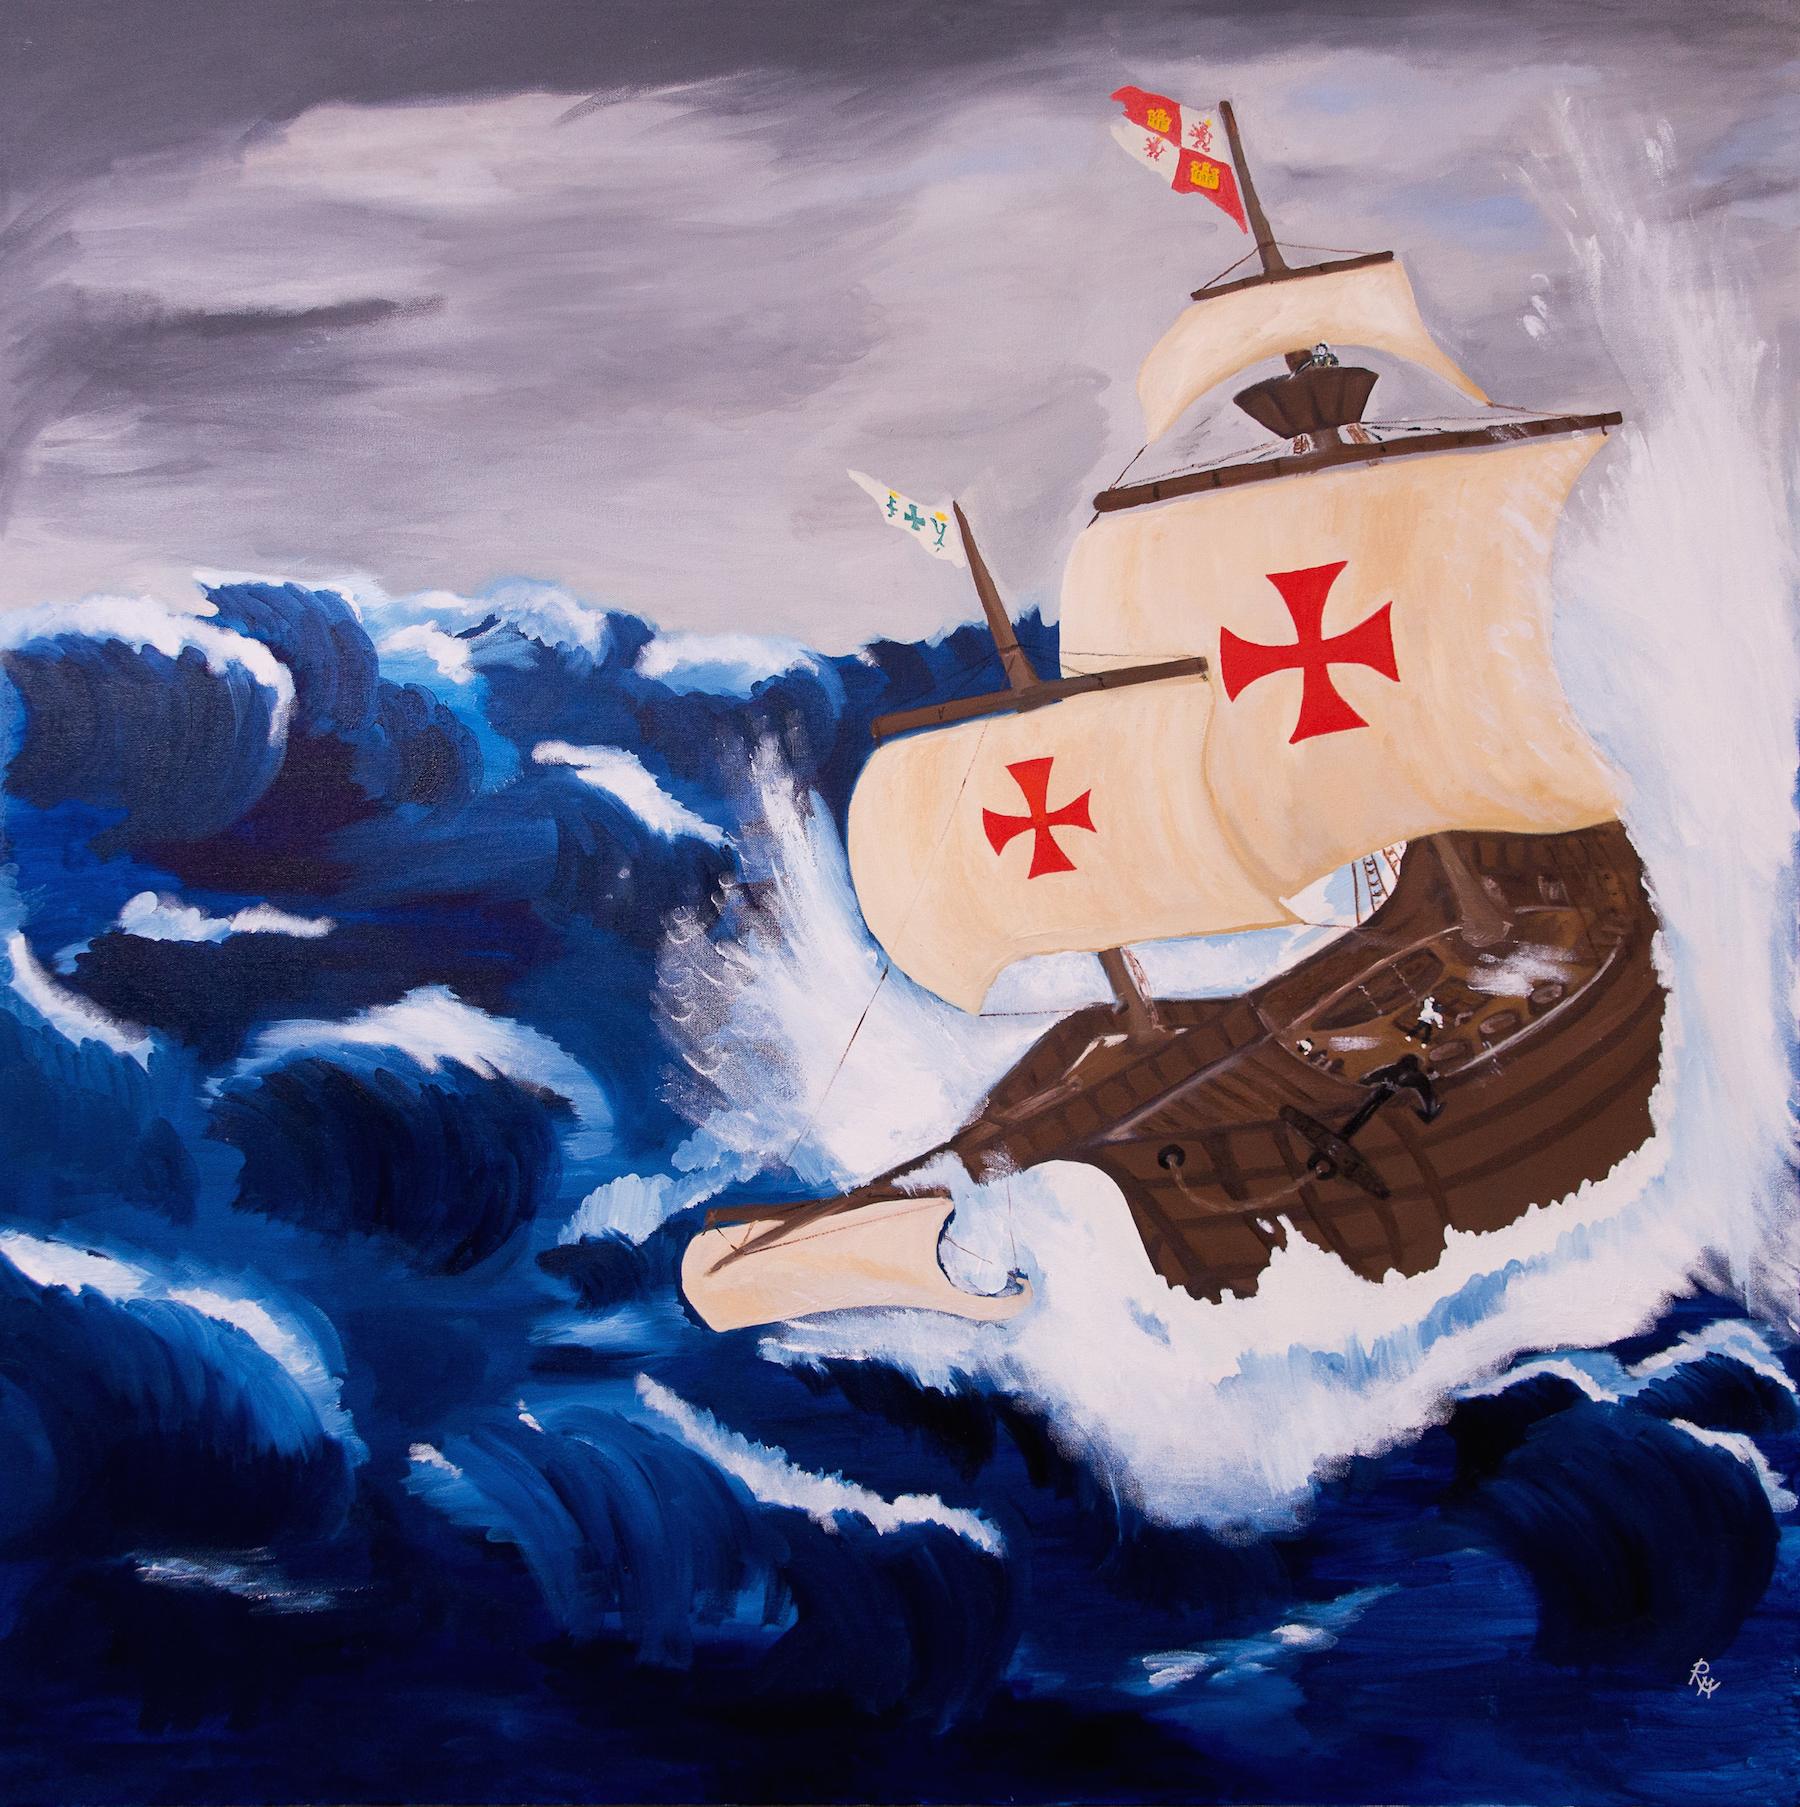 La Santa-Maria in a storm